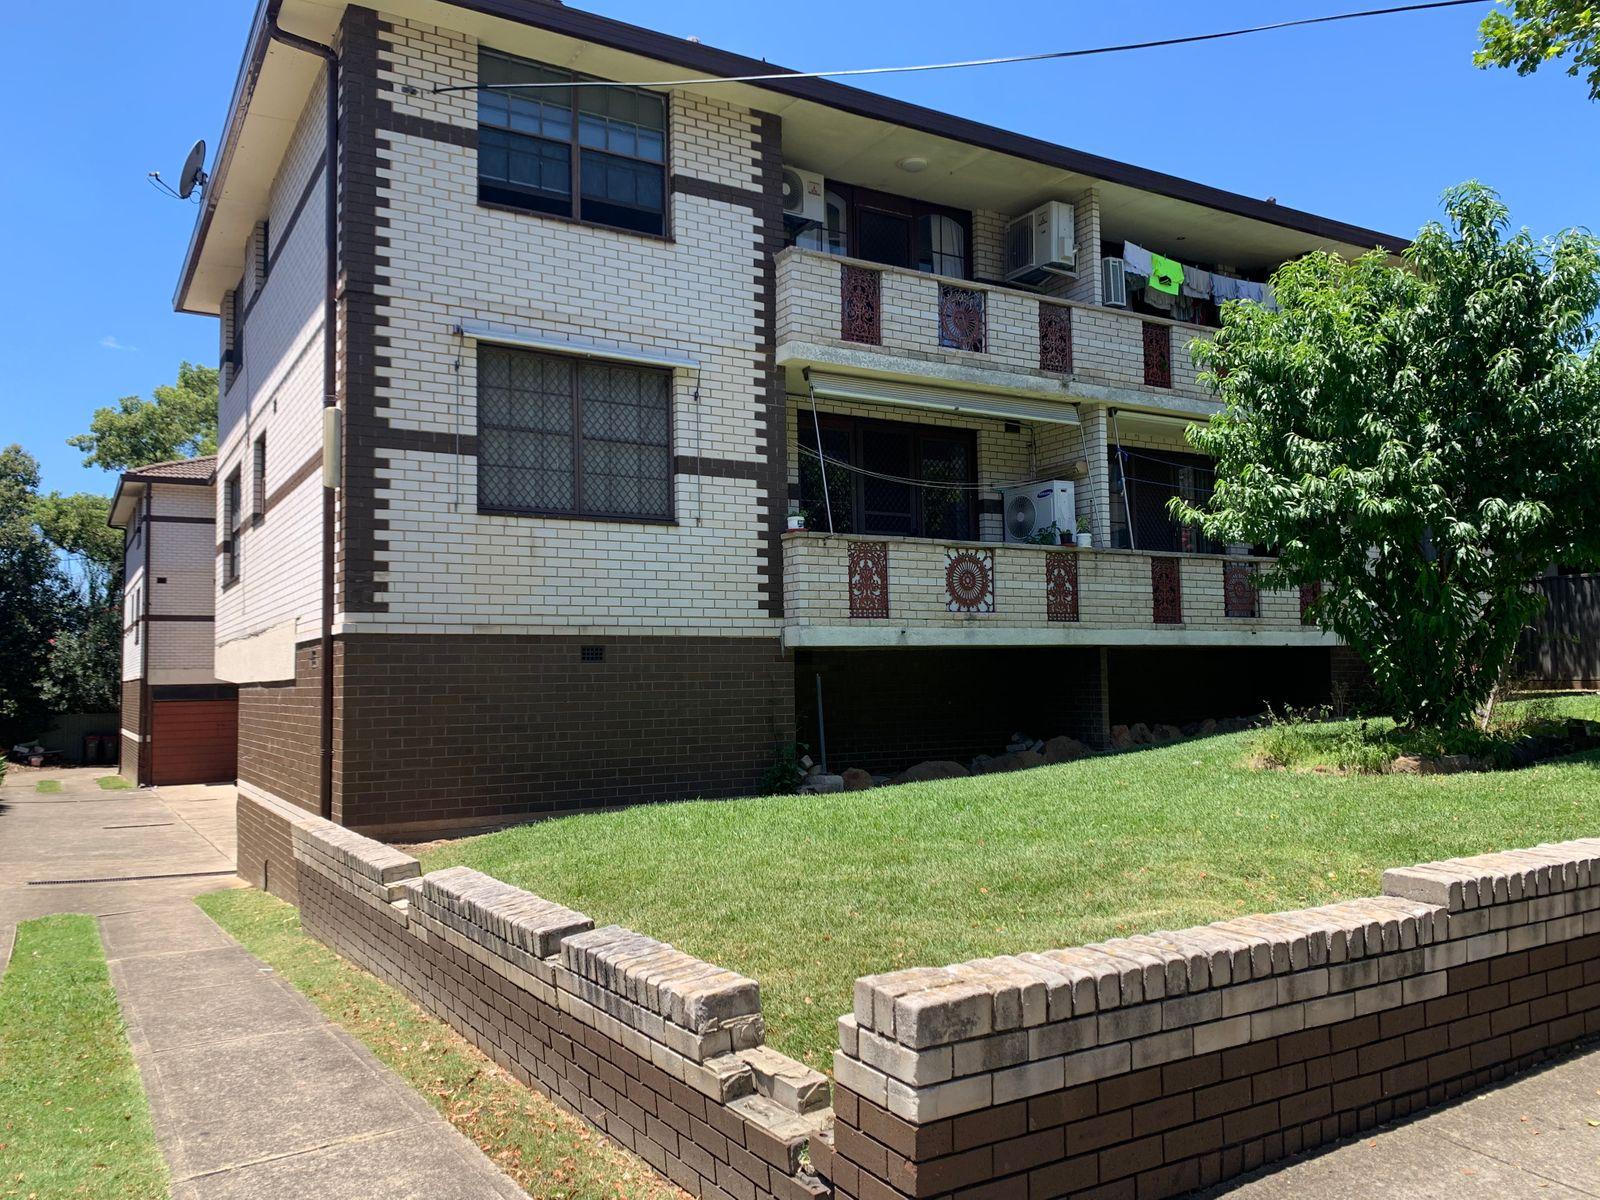 9/104-106 Auburn Road, Auburn, NSW 2144